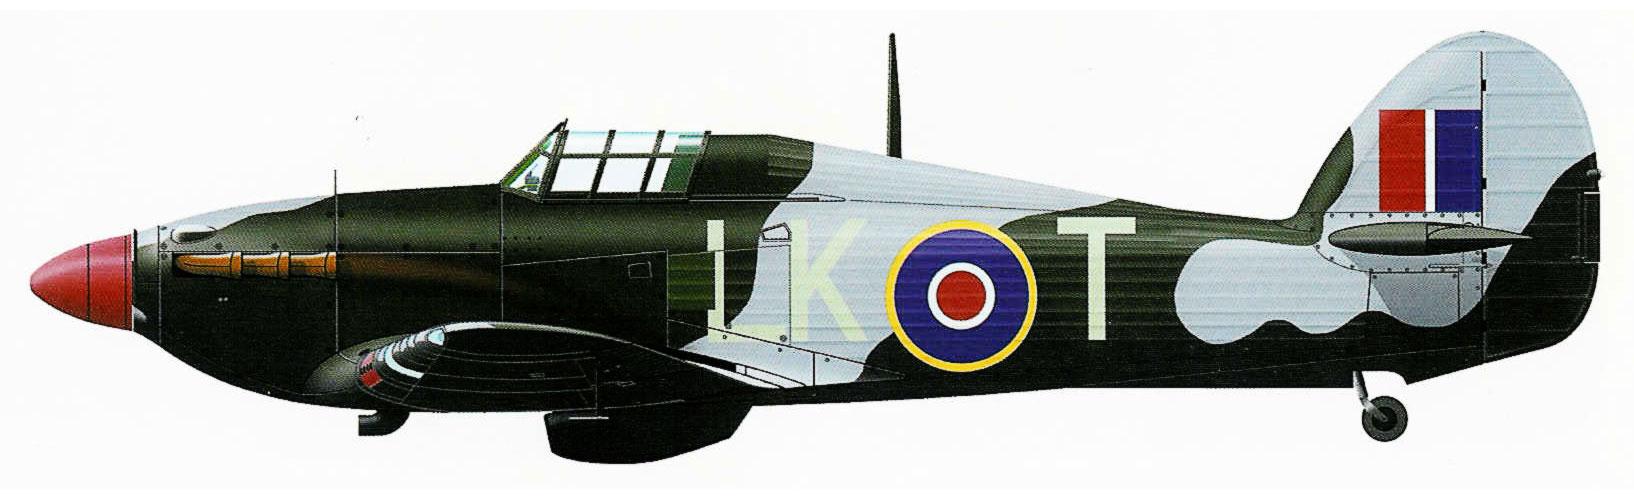 Hurricane IIa RAF 87Sqn LKT based at RAF Colerne England 1942 0A